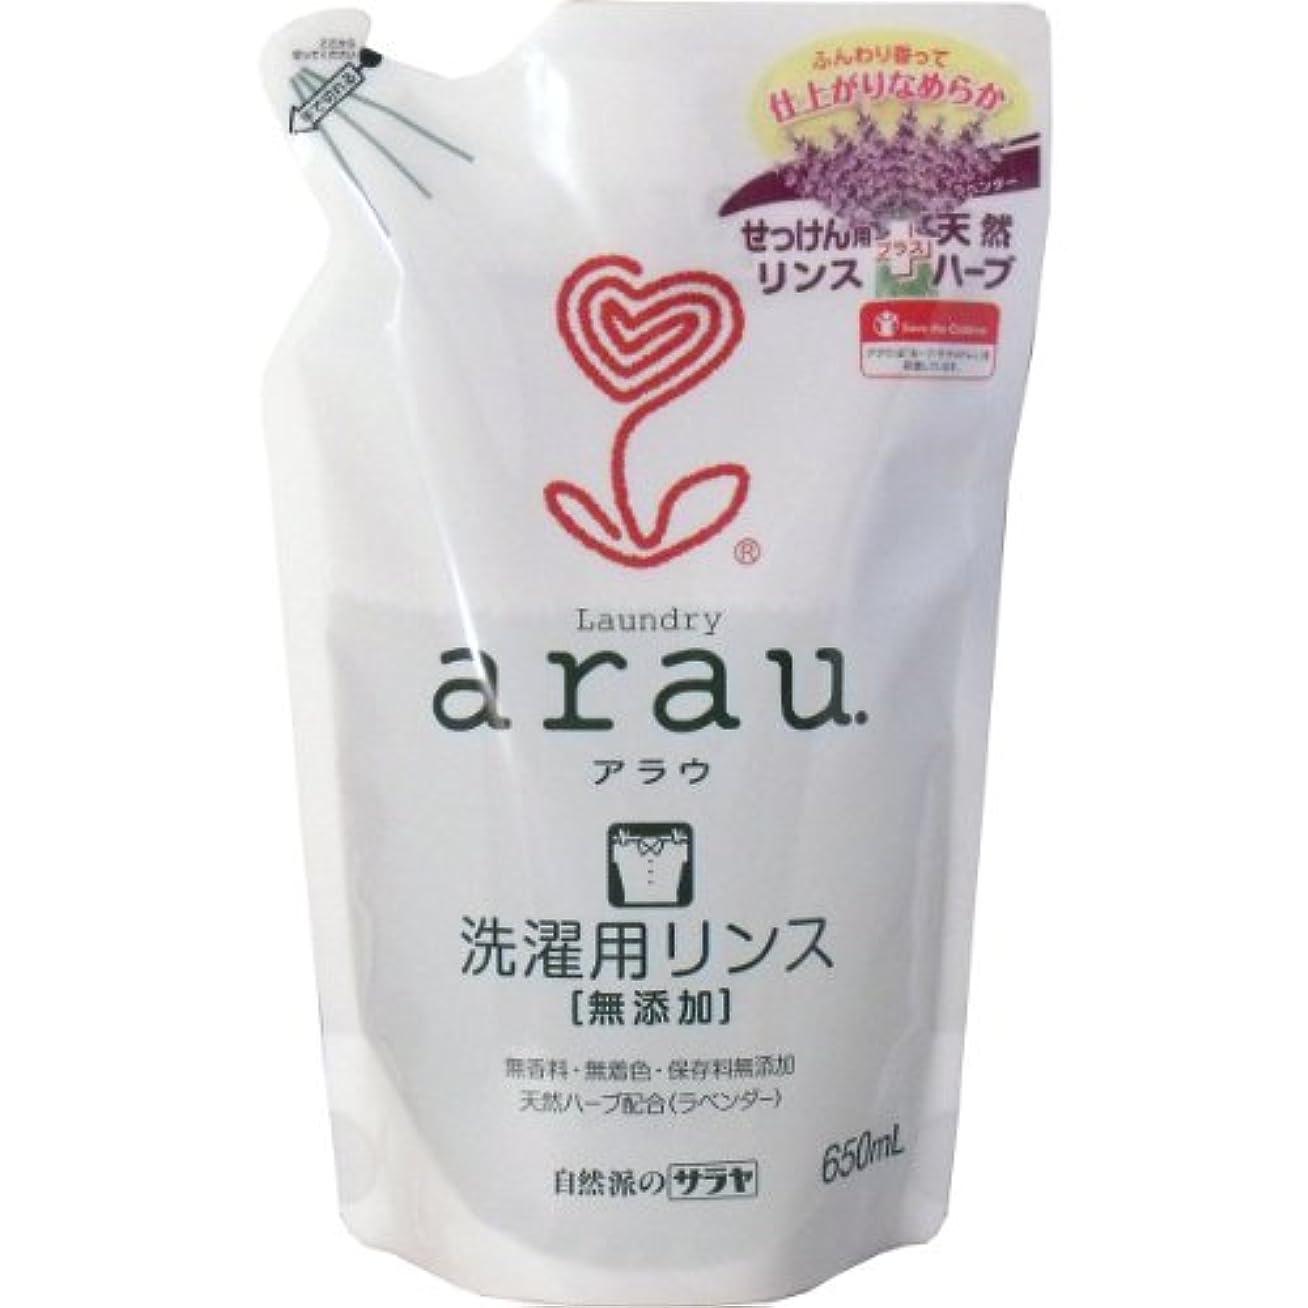 アーティキュレーションバー港arau.(アラウ) 洗濯用 リンス仕上げ 詰替用 650ml ×2セット